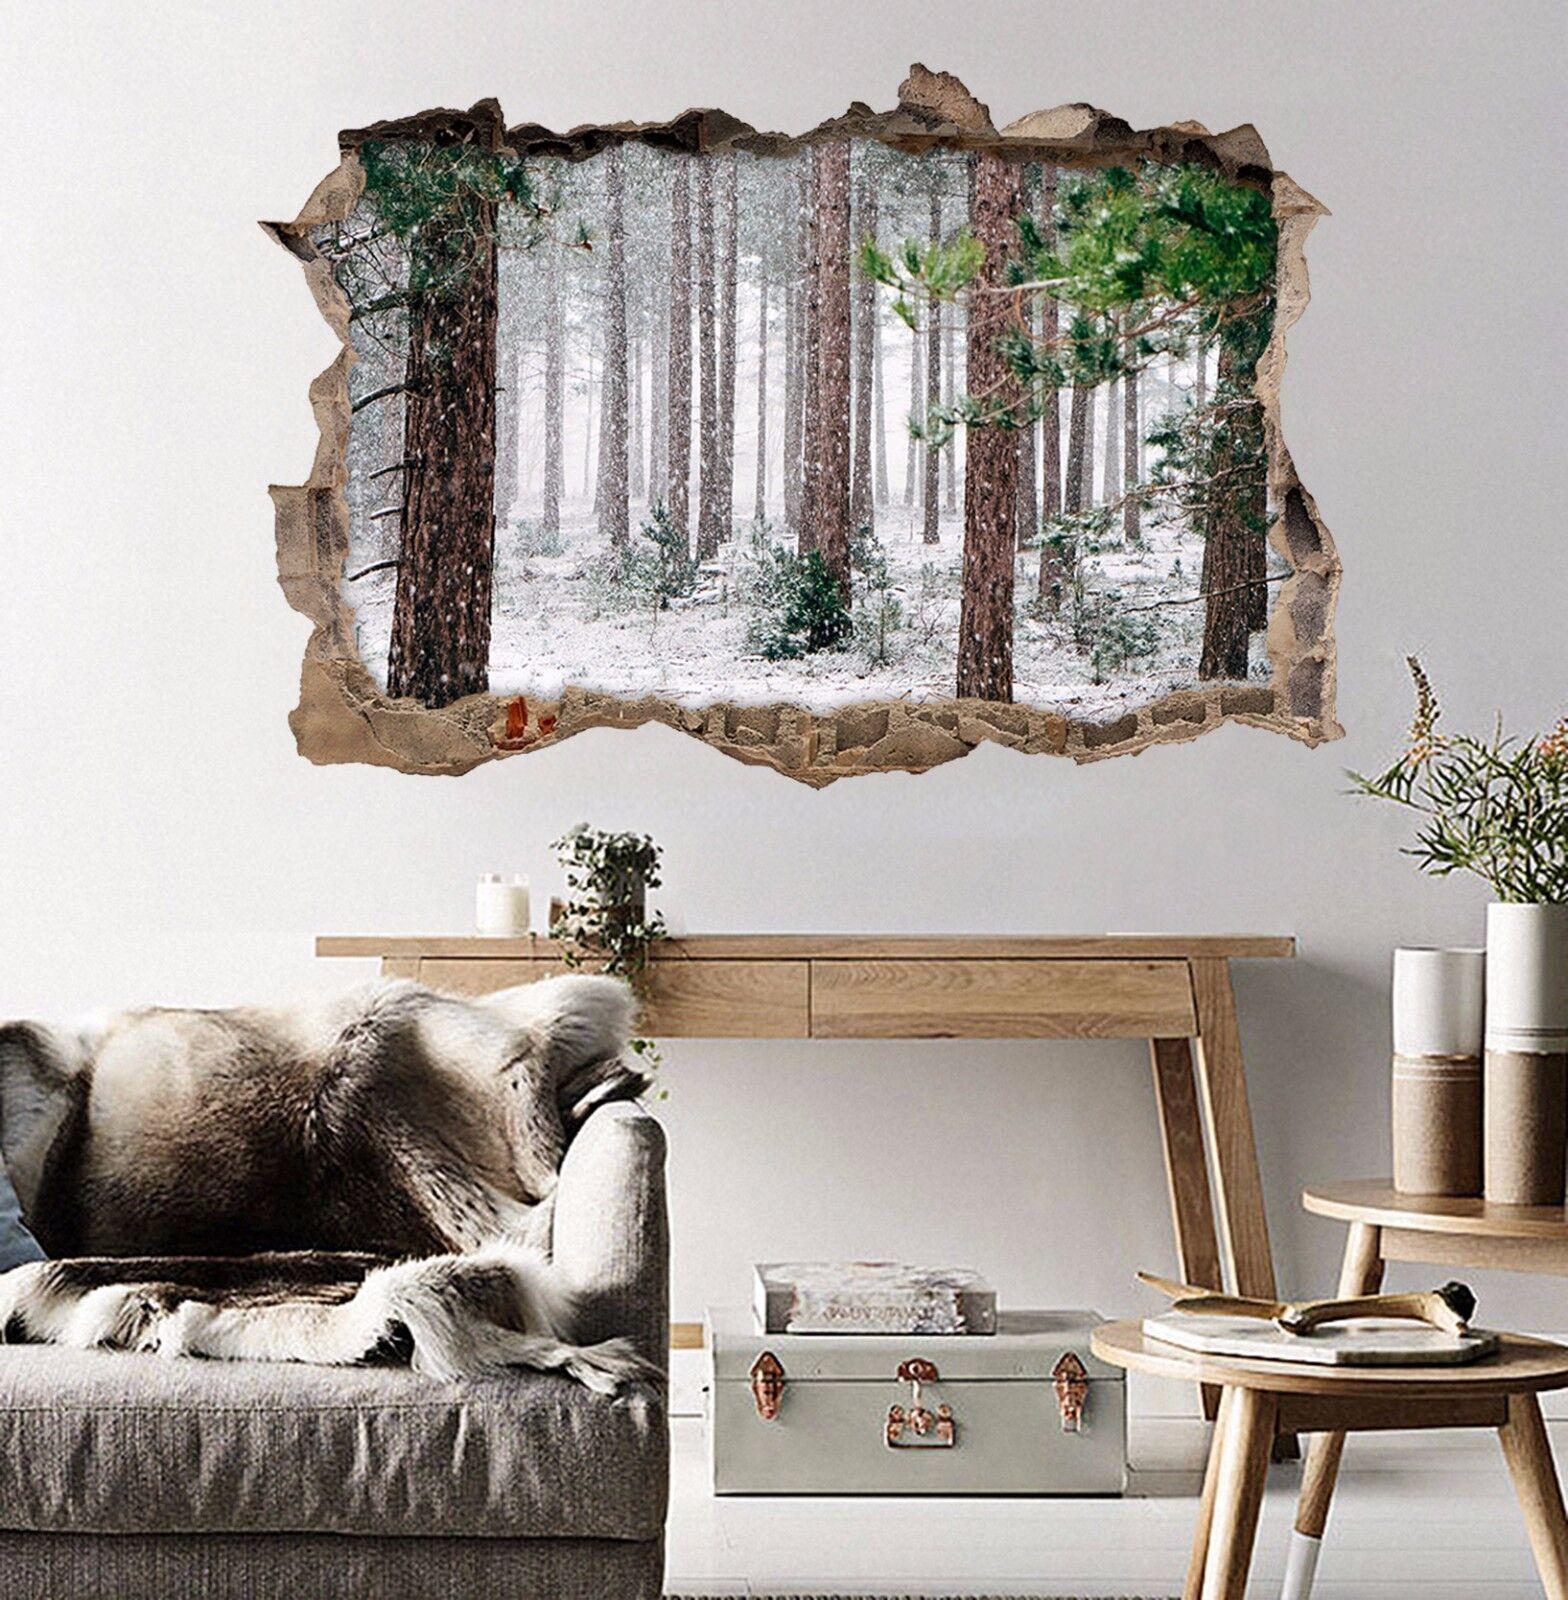 3D Schnee Wald 78  Mauer Murals Mauer Aufklebe Decal Durchbruch AJ WALLPAPER DE